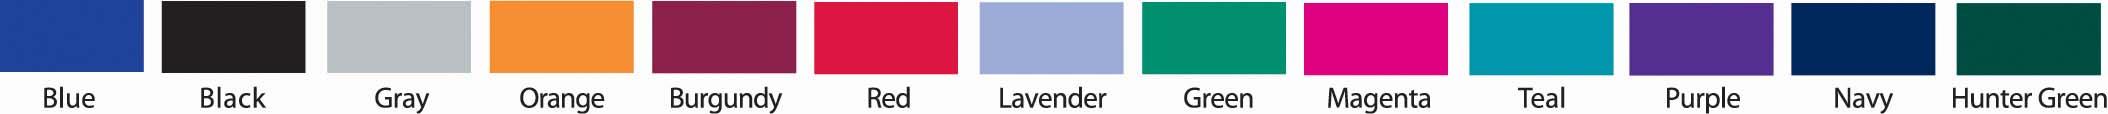 spectrum-dual-head-stethoscope-adult-boxed-purple-10-426-200-lr-2.jpg